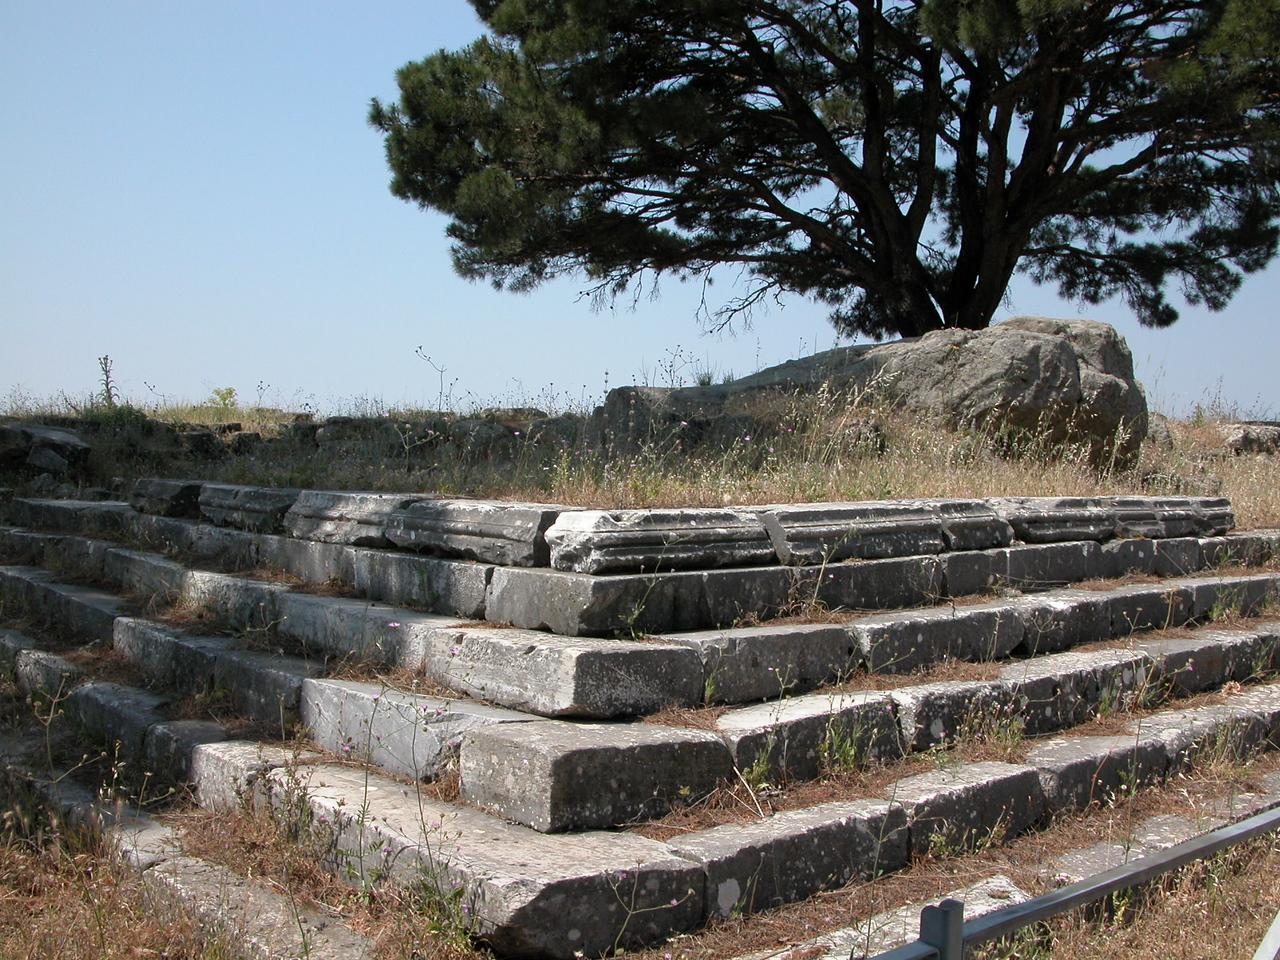 former location of Zeus altar